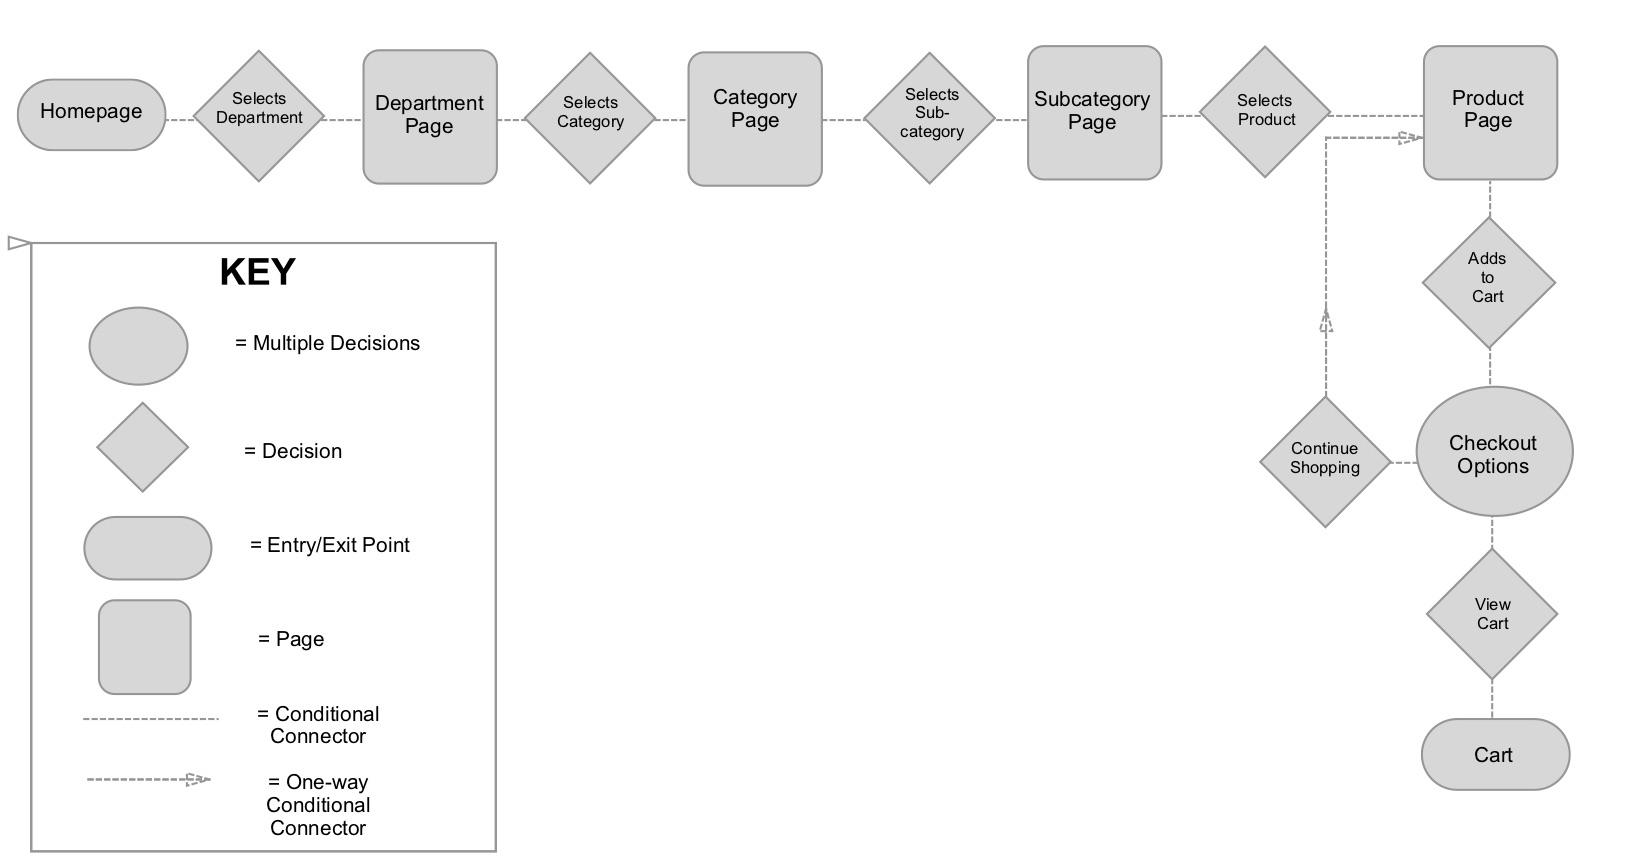 Task Flow - Lowes Web.jpg